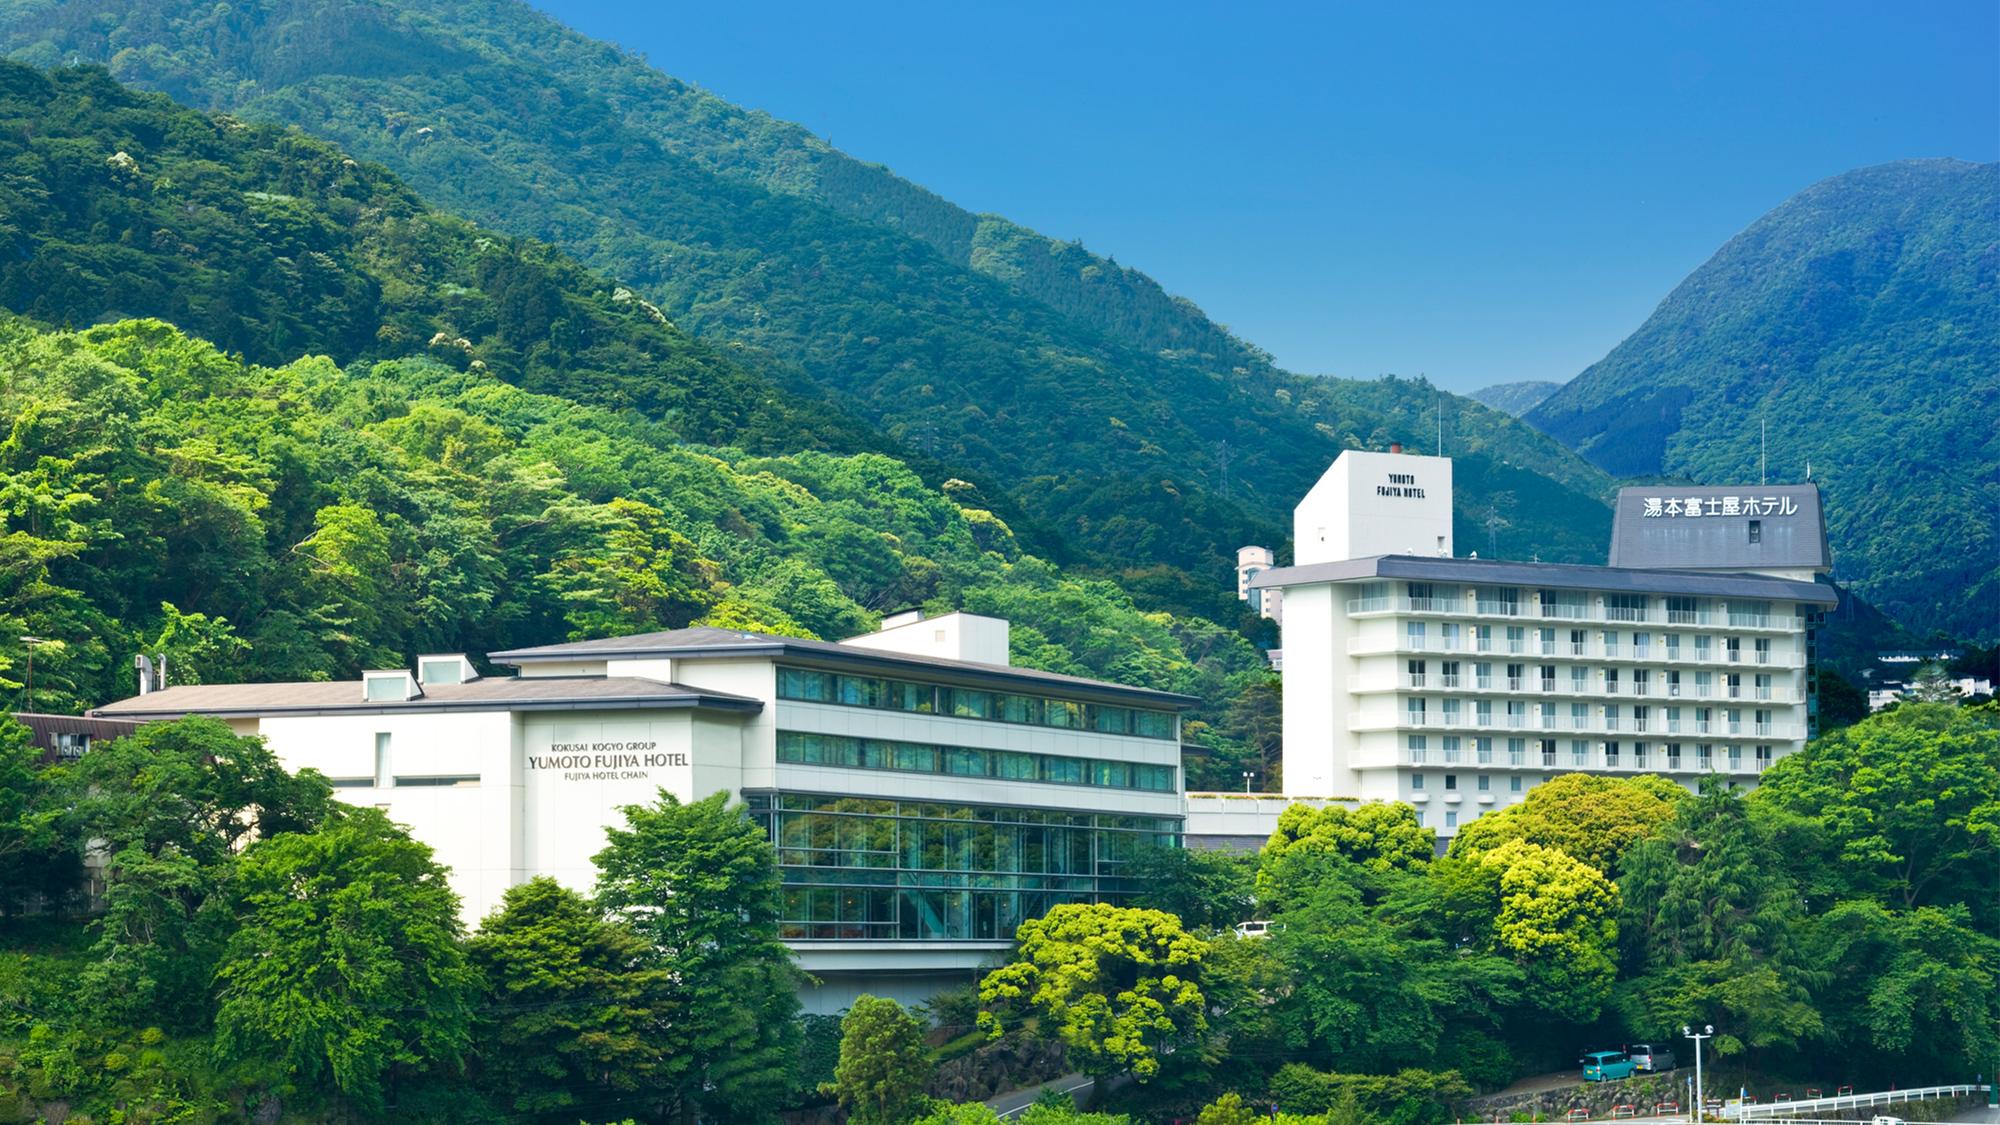 箱根の温泉街で食べ歩きを楽しみたい!駅から近い温泉宿を教えて下さい。